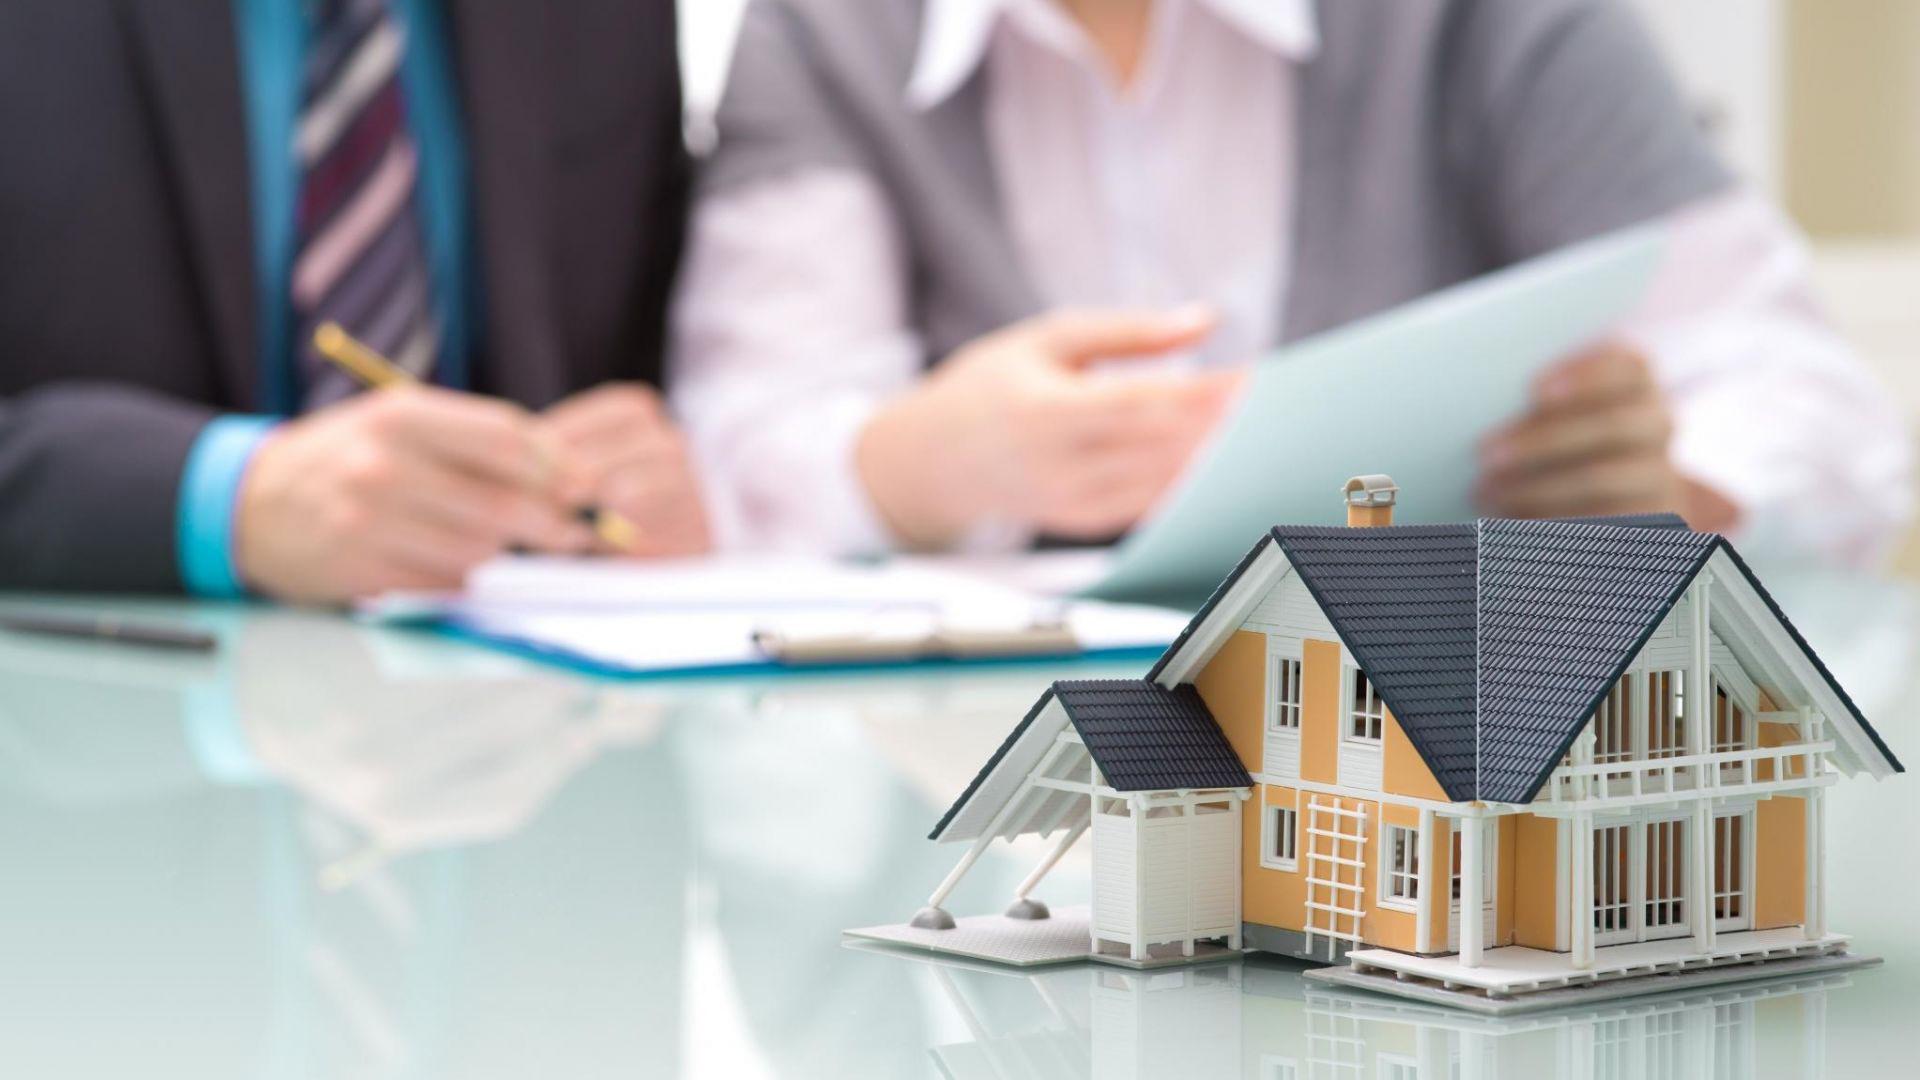 Tham khảo các mẫu hợp đồng thuê nhà đơn giản, cập nhật nhất  - Ảnh 2.